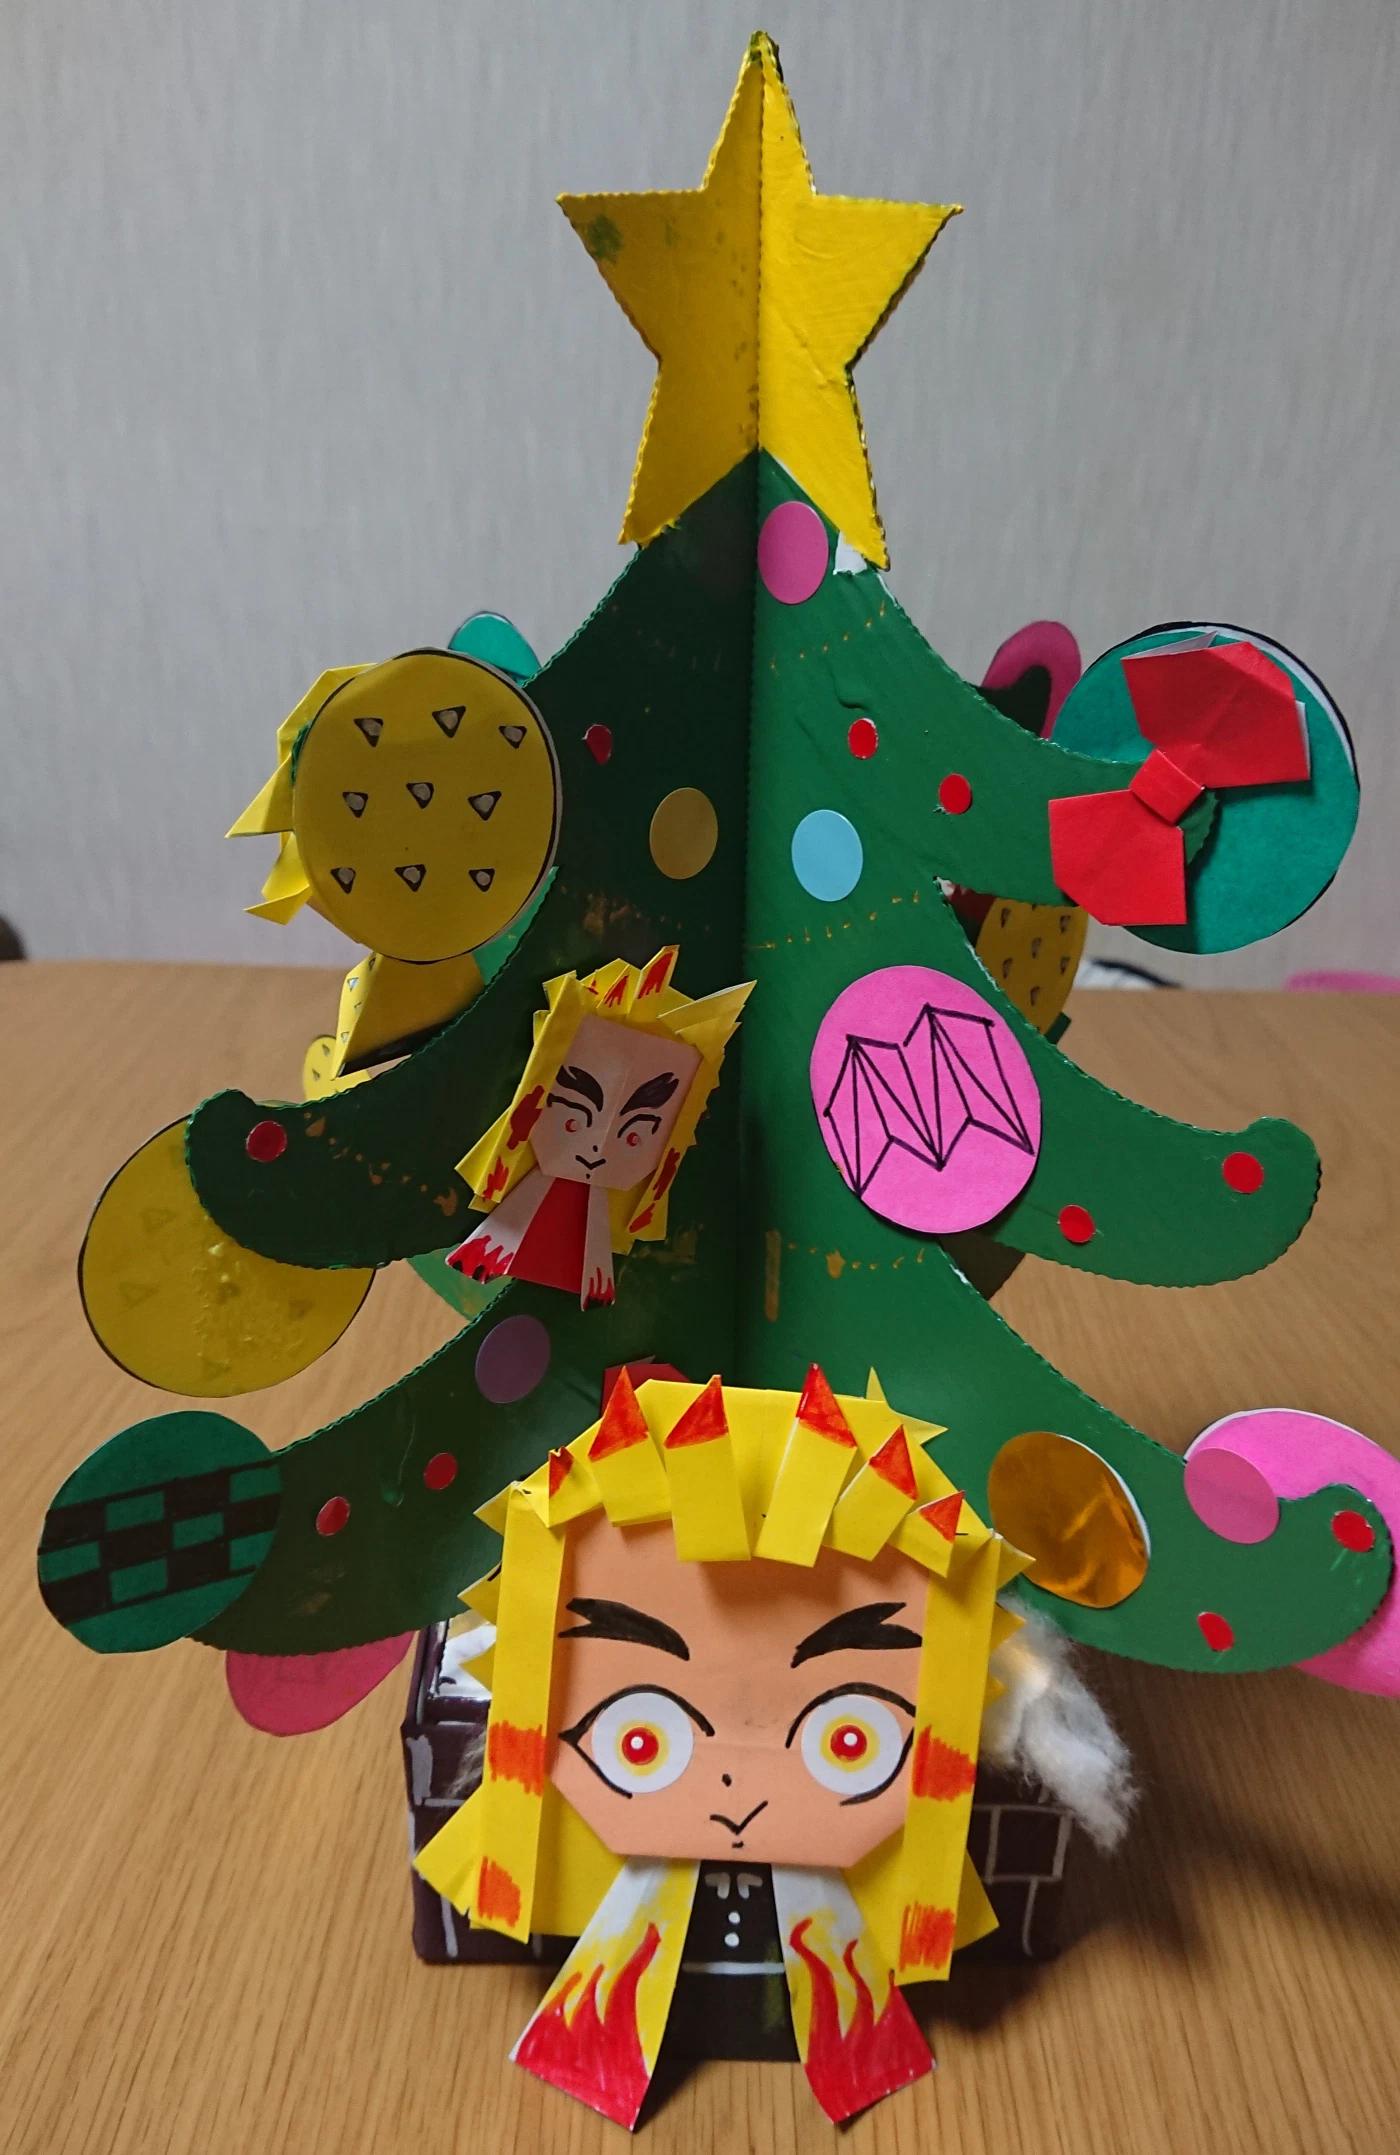 京都府紙器段ボール箱工業組合クリスマスツリーデザインコンテスト映え賞